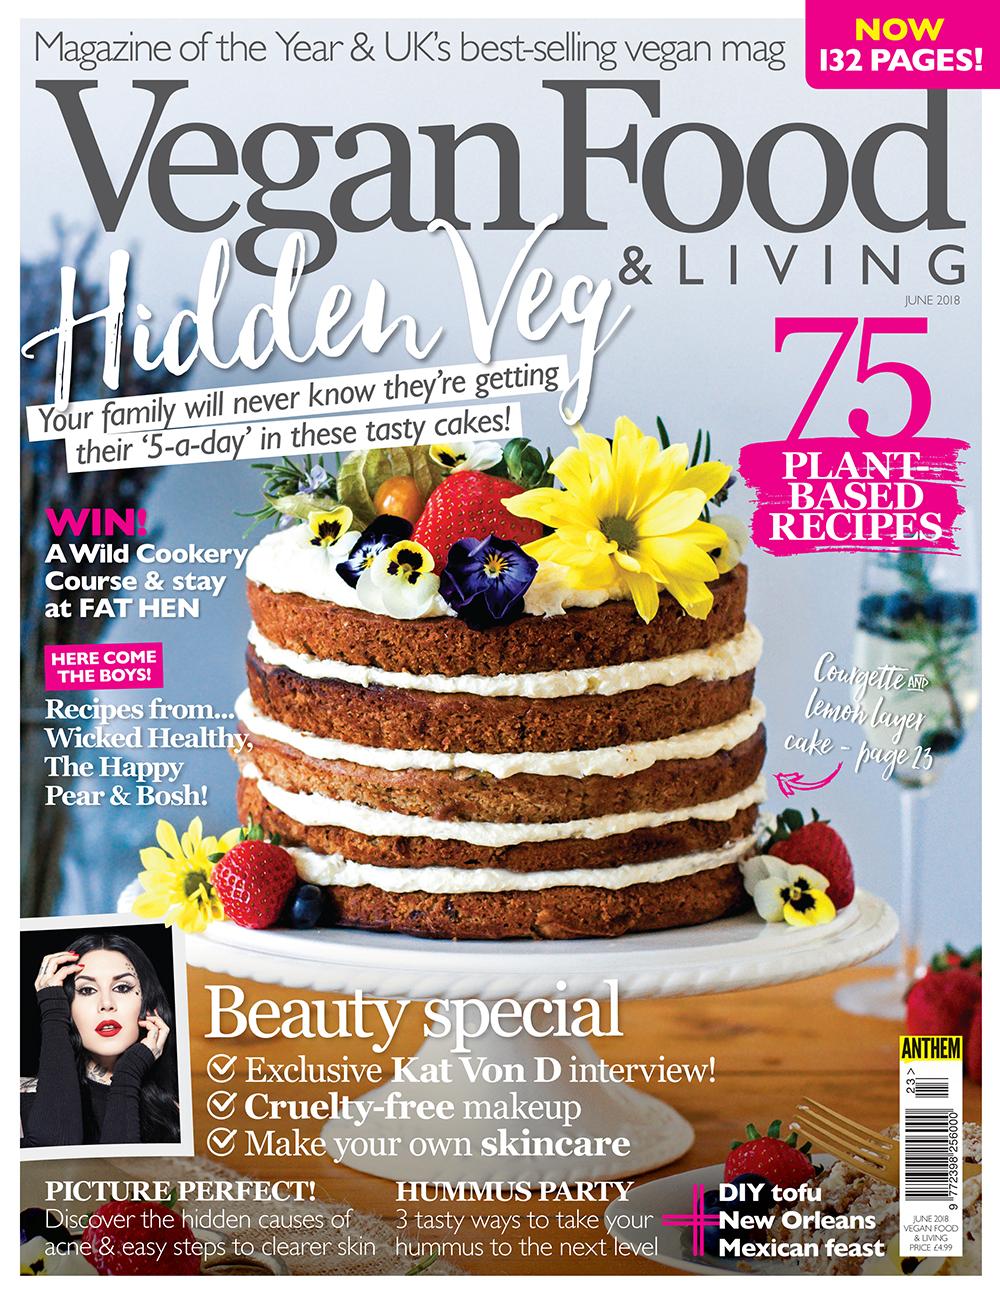 Vegan Food & Living June 2018